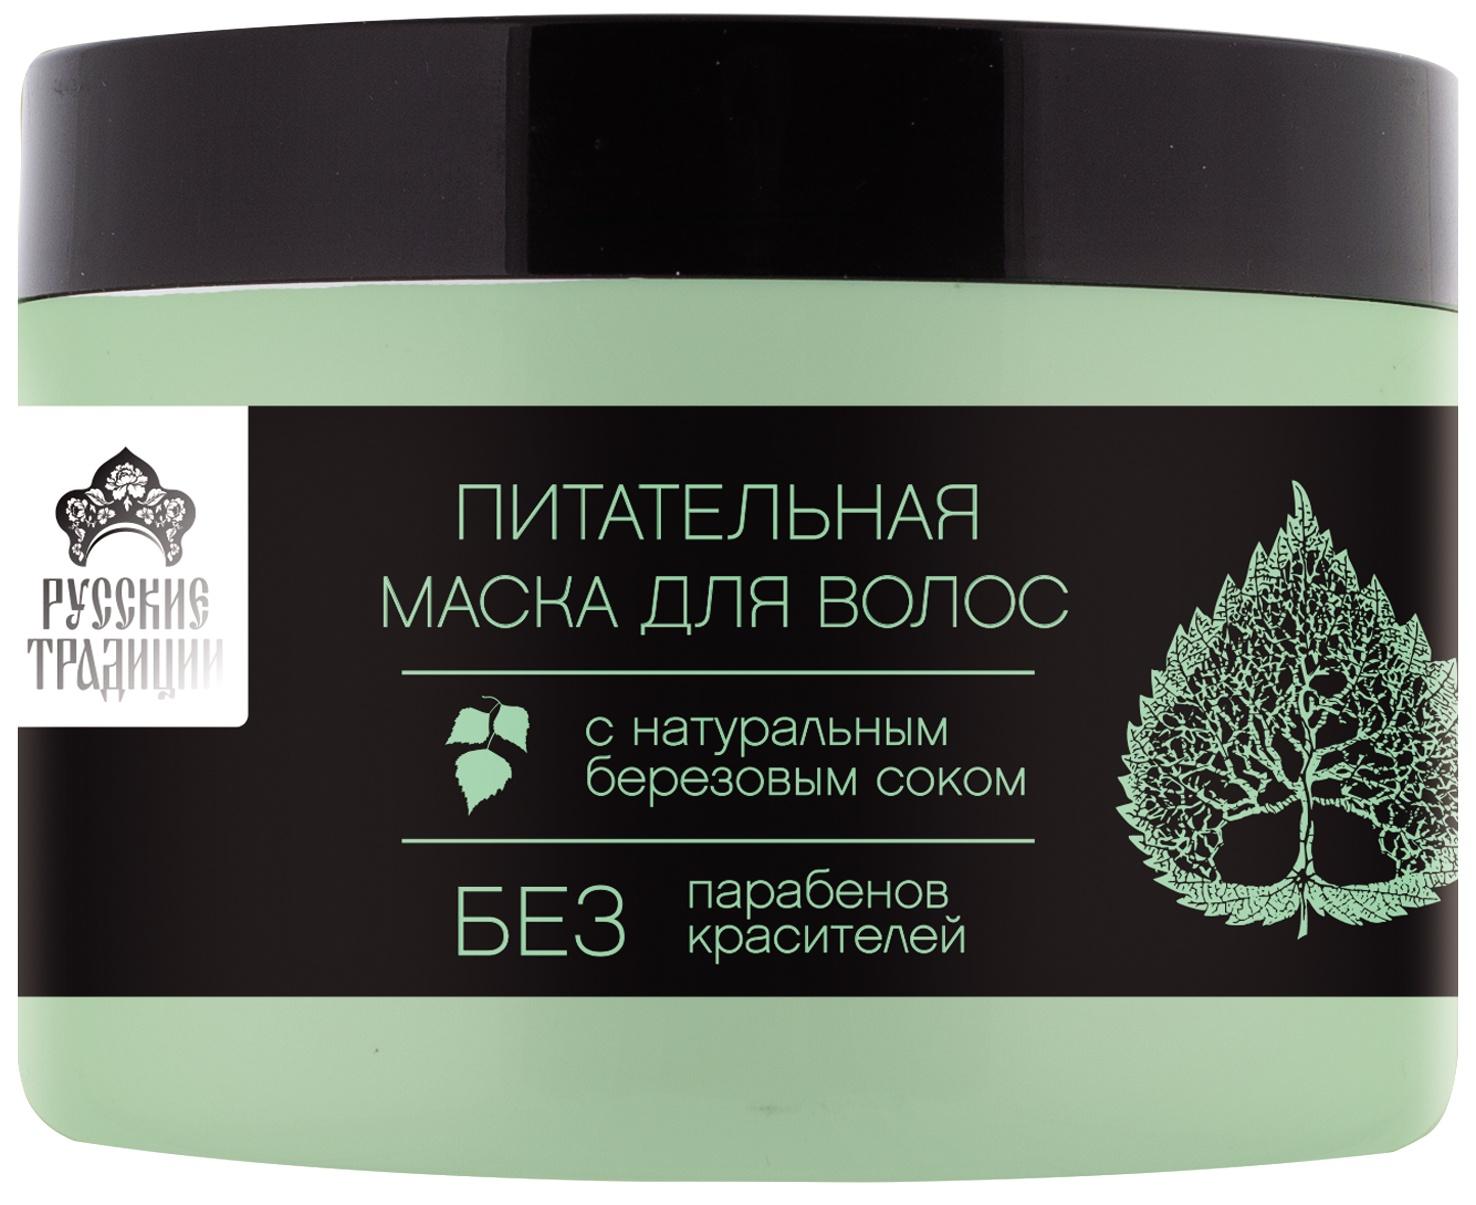 Маска для волос Русские Традиции Питательная с березовым соком, 500 мл русские традиции жидкое мыло д рук и лица с березовым соком дой пак 500мл 1118331